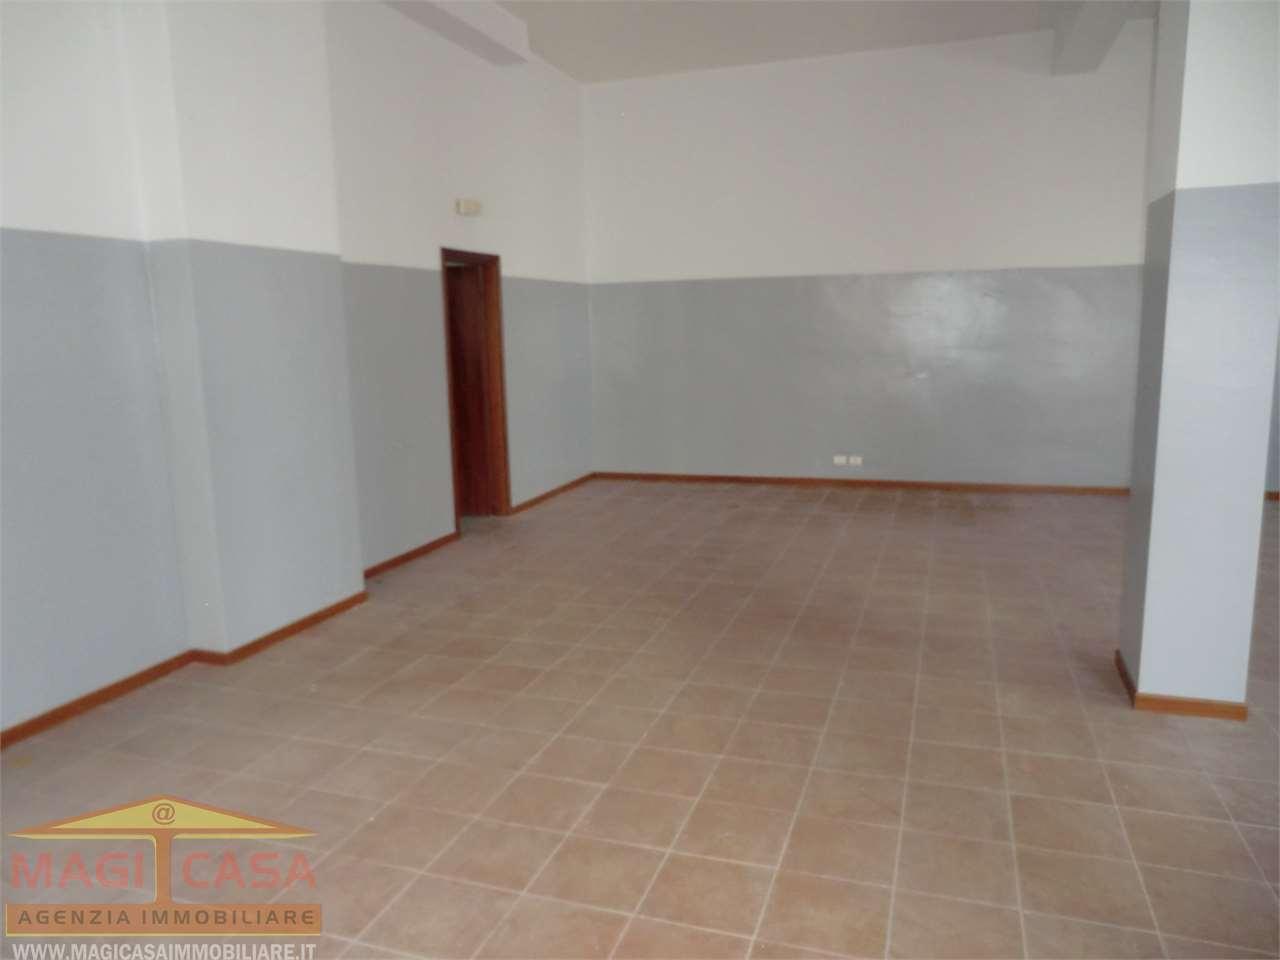 Negozio Camporotondo Etneo 292